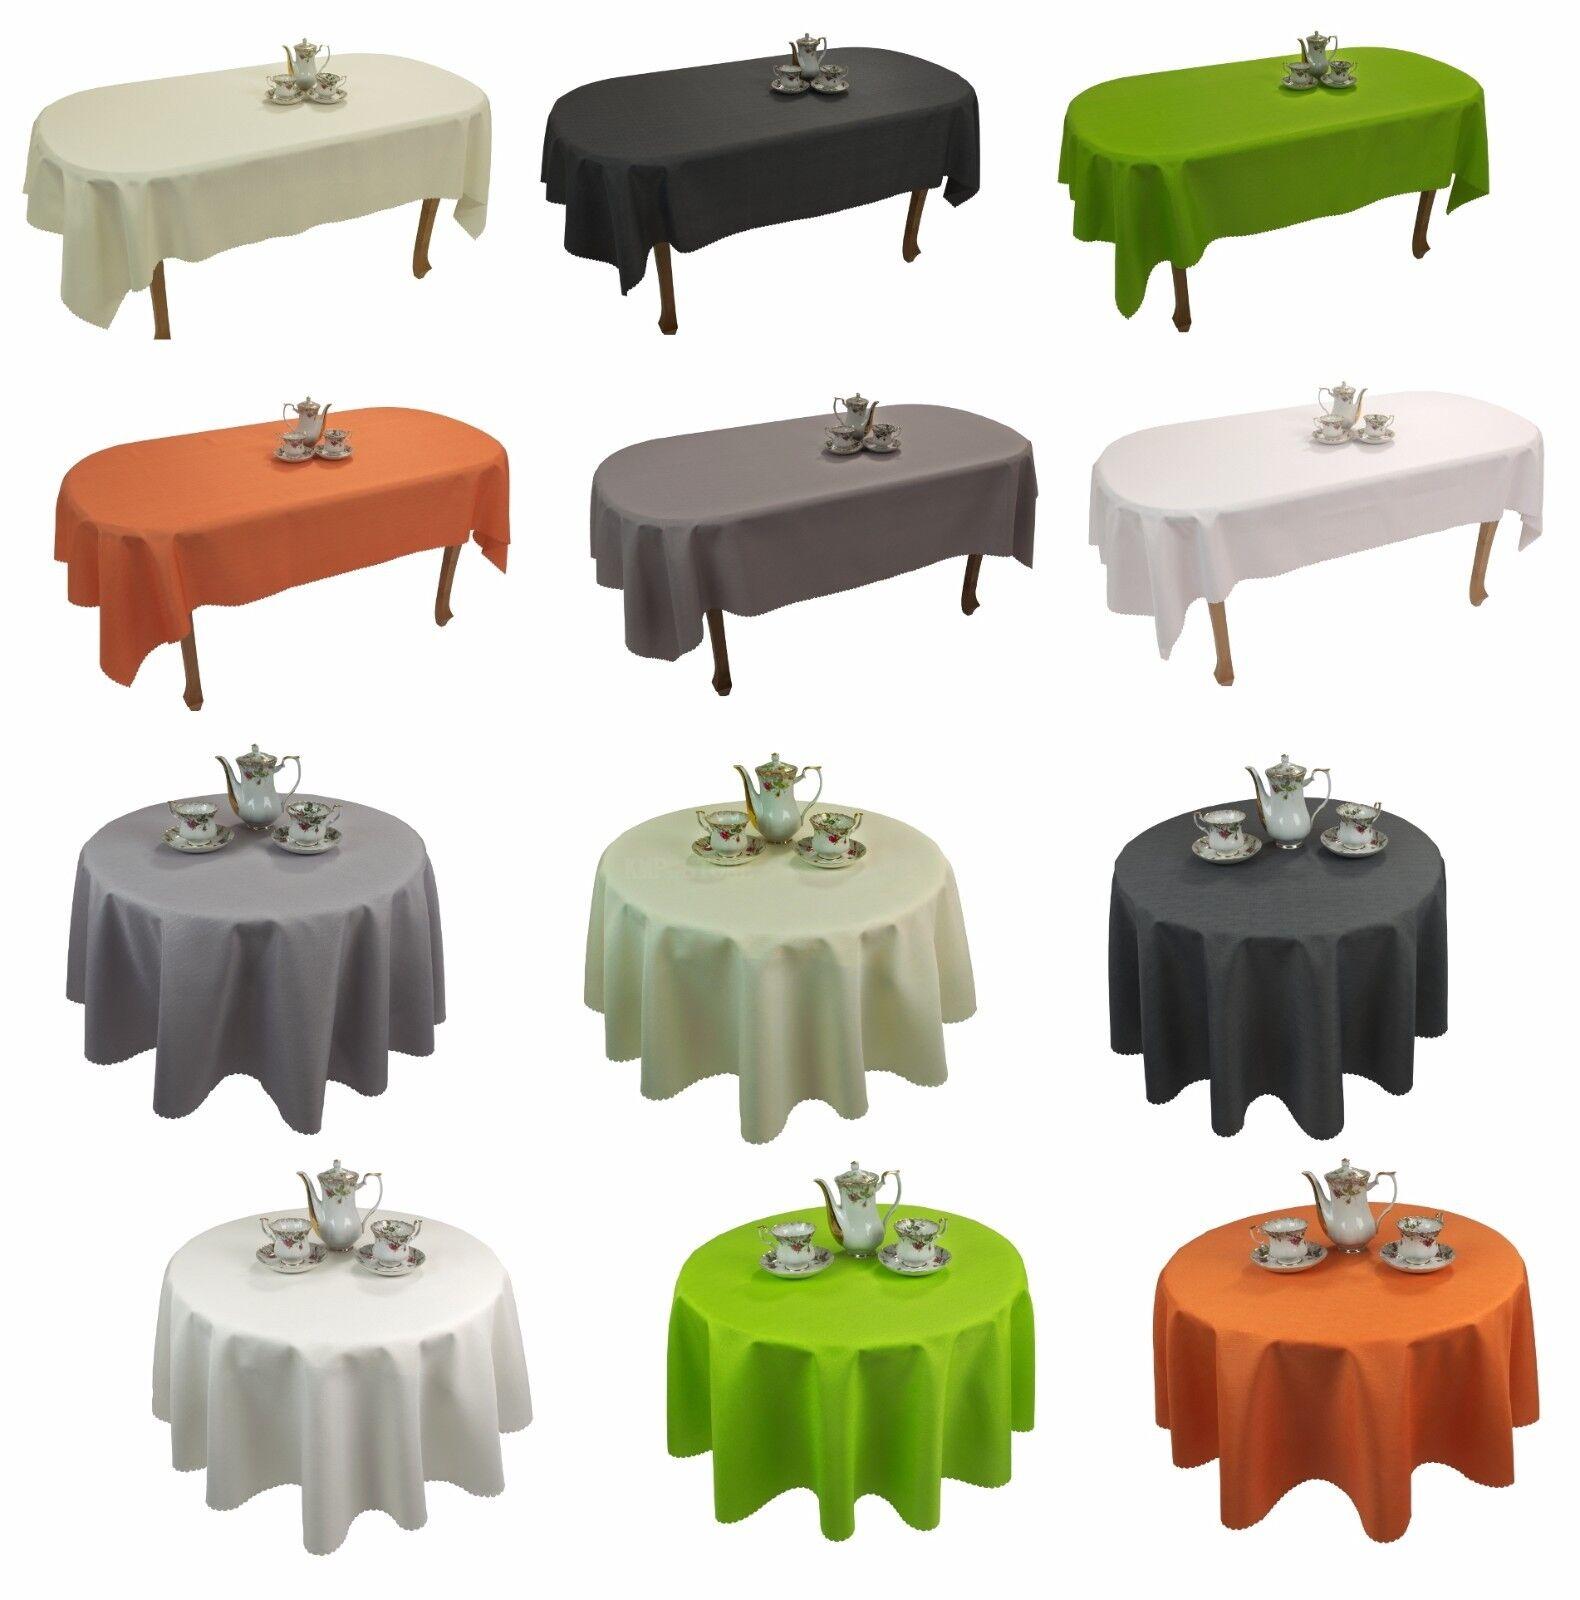 Tischdecke Gartentisch Eckig Test Vergleich Tischdecke